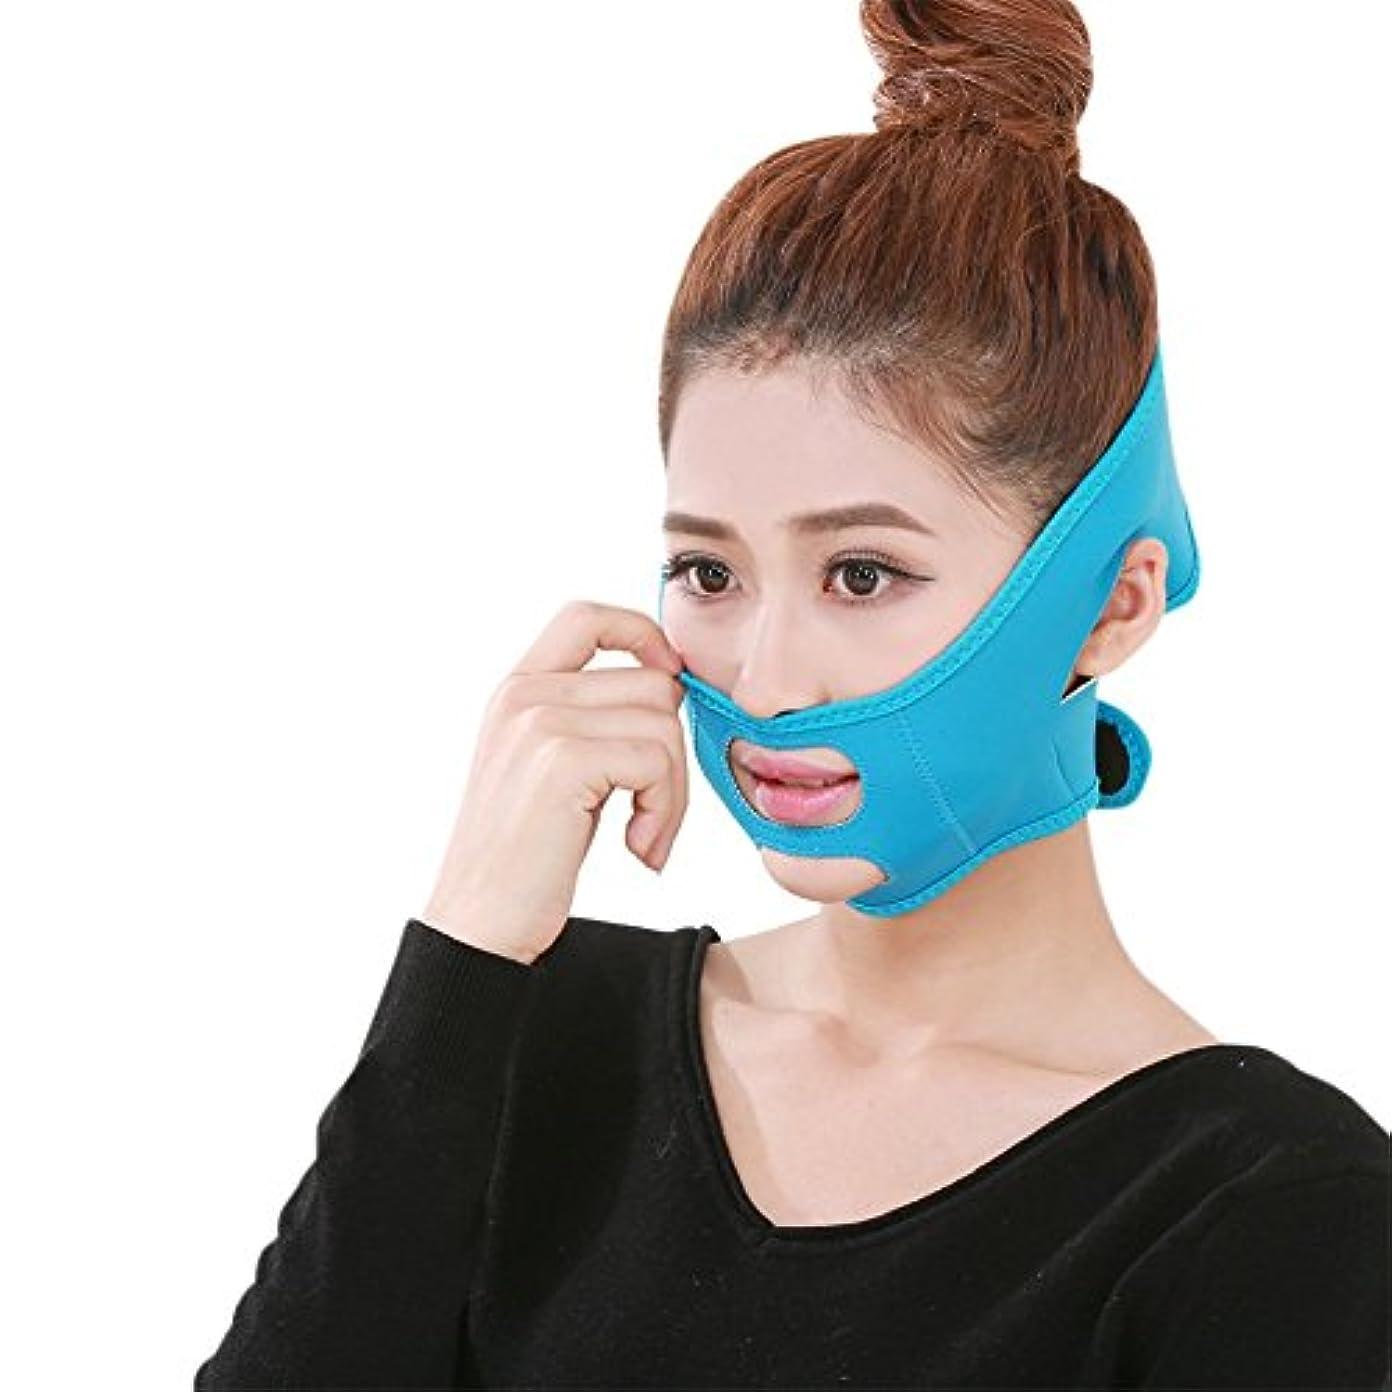 生物学非難する医薬Remeehi 小顔ベルト 引き締め V顔 フェイスラインベルト シワ対策 美顔 ベルト 二重あこ対策 ブルー